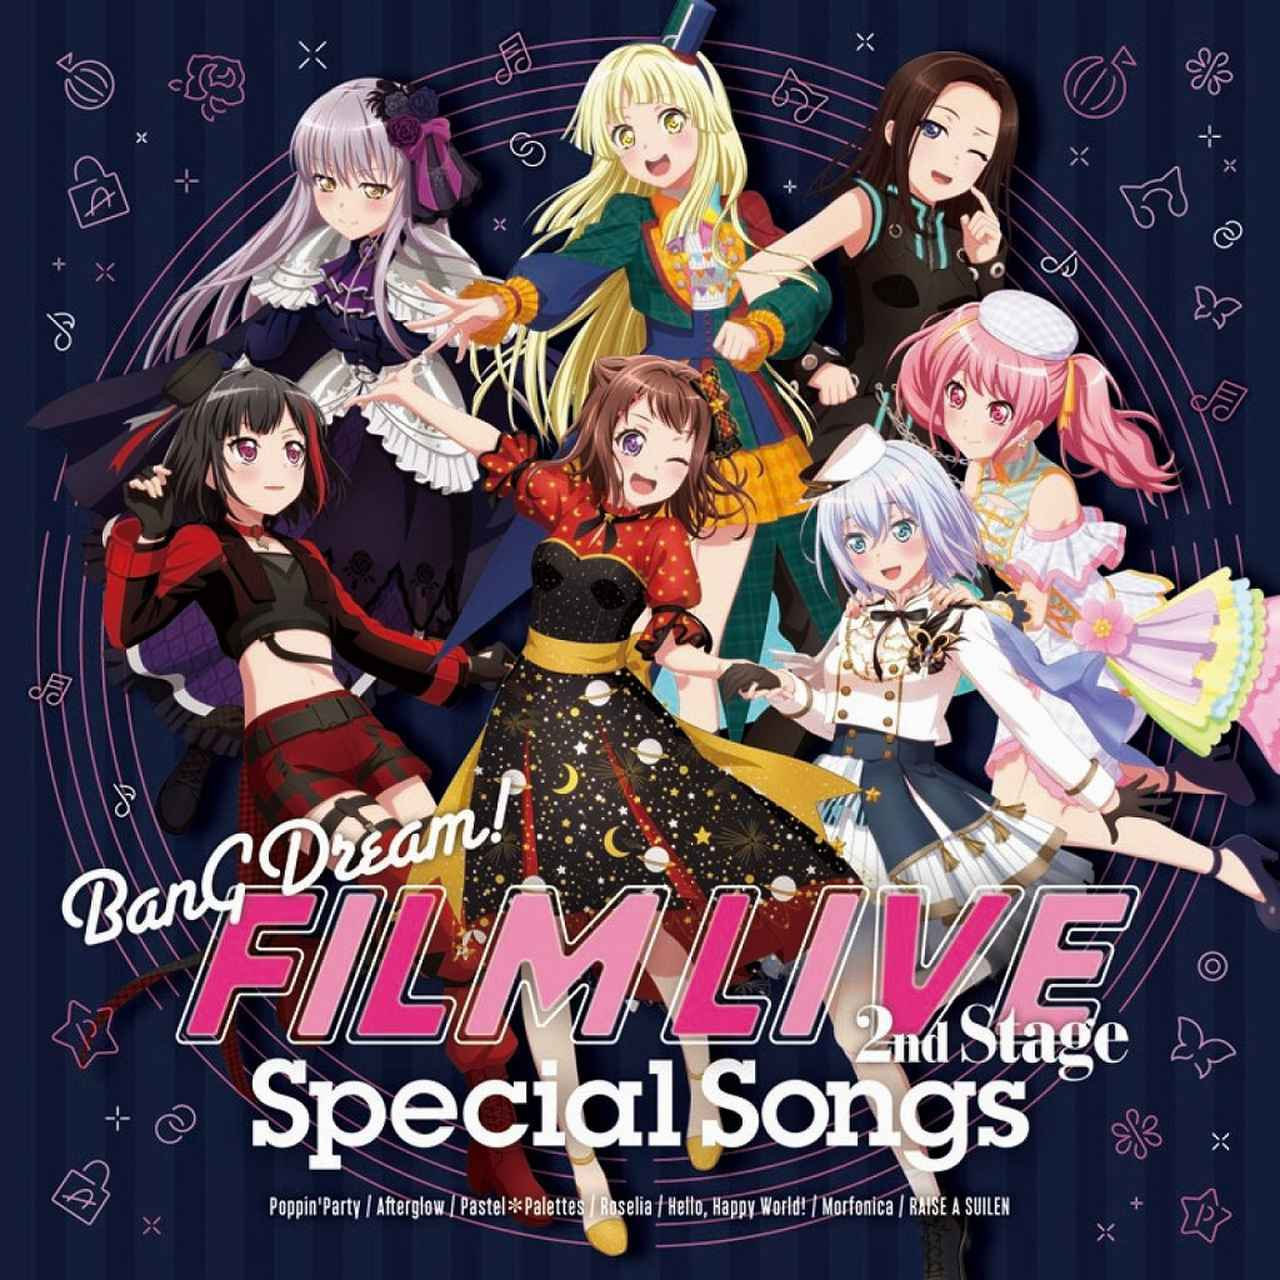 画像: 劇場版「BanG Dream! FILM LIVE 2nd Stage」Special Songs / Poppin'Party,Afterglow,Pastel*Palettes,Roselia,ハロー、ハッピーワールド!,Morfonica,RAISE A SUILEN